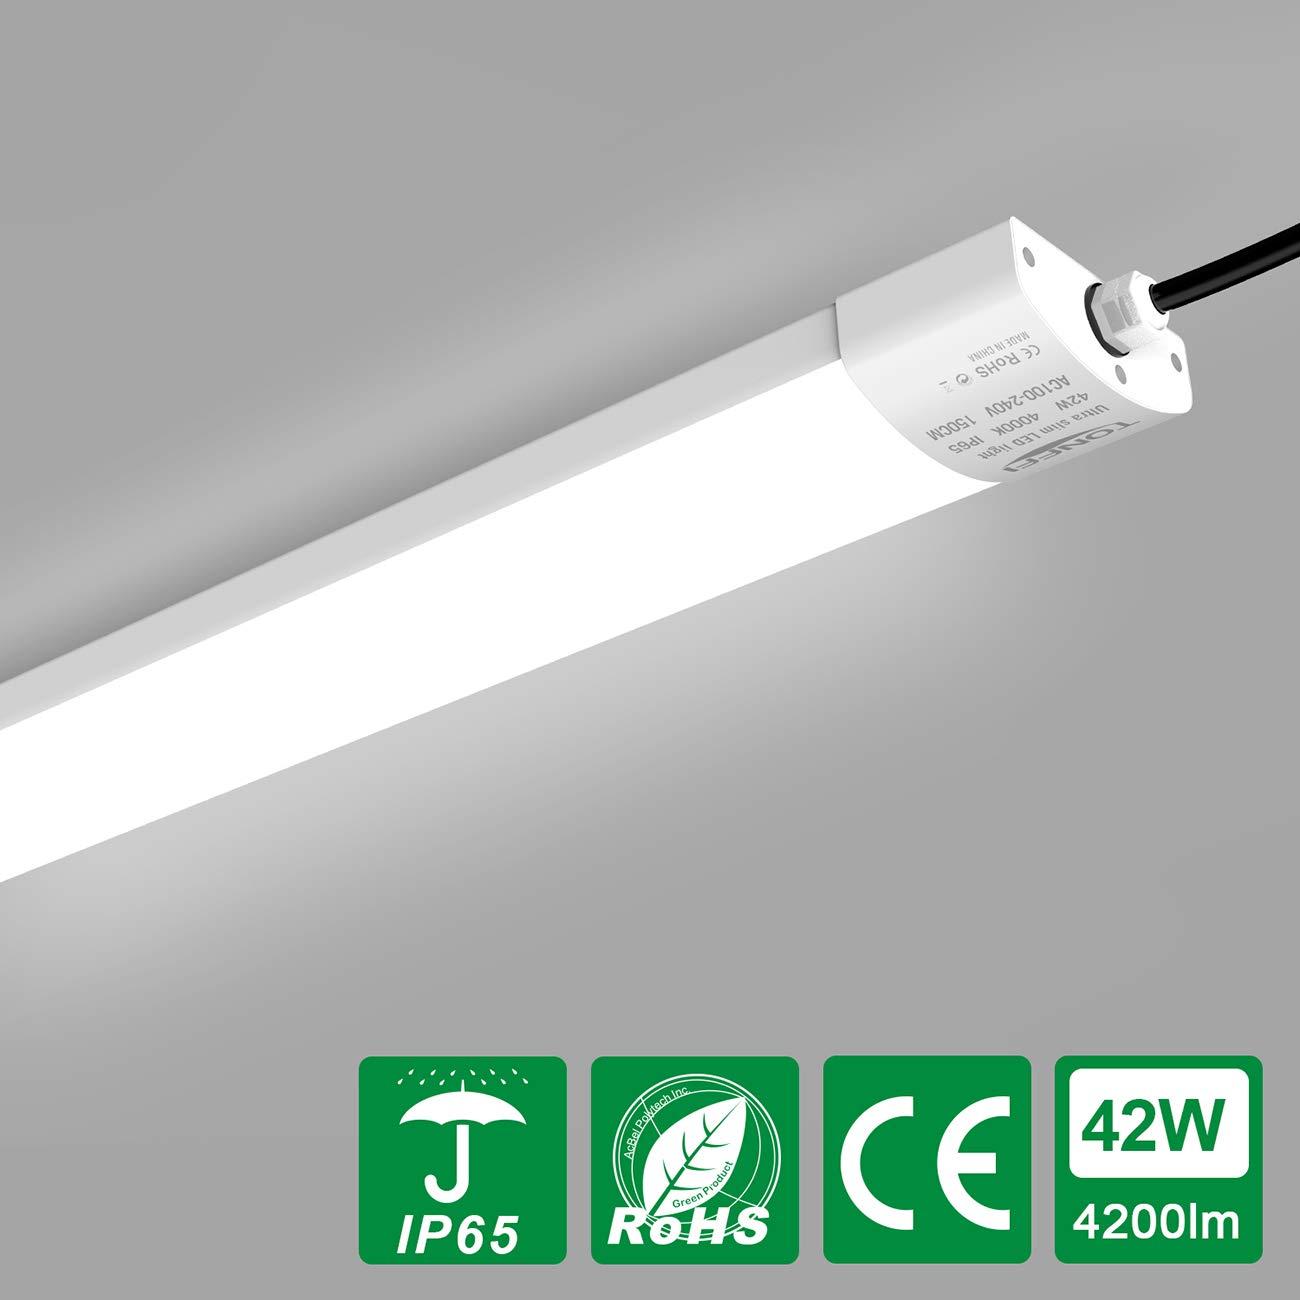 Tube Fluorescent LED 150CM 42W   Tonffi 4200LM Barre Luminaire Lumineuse  Cuisine Étanche IP65   Eclairage